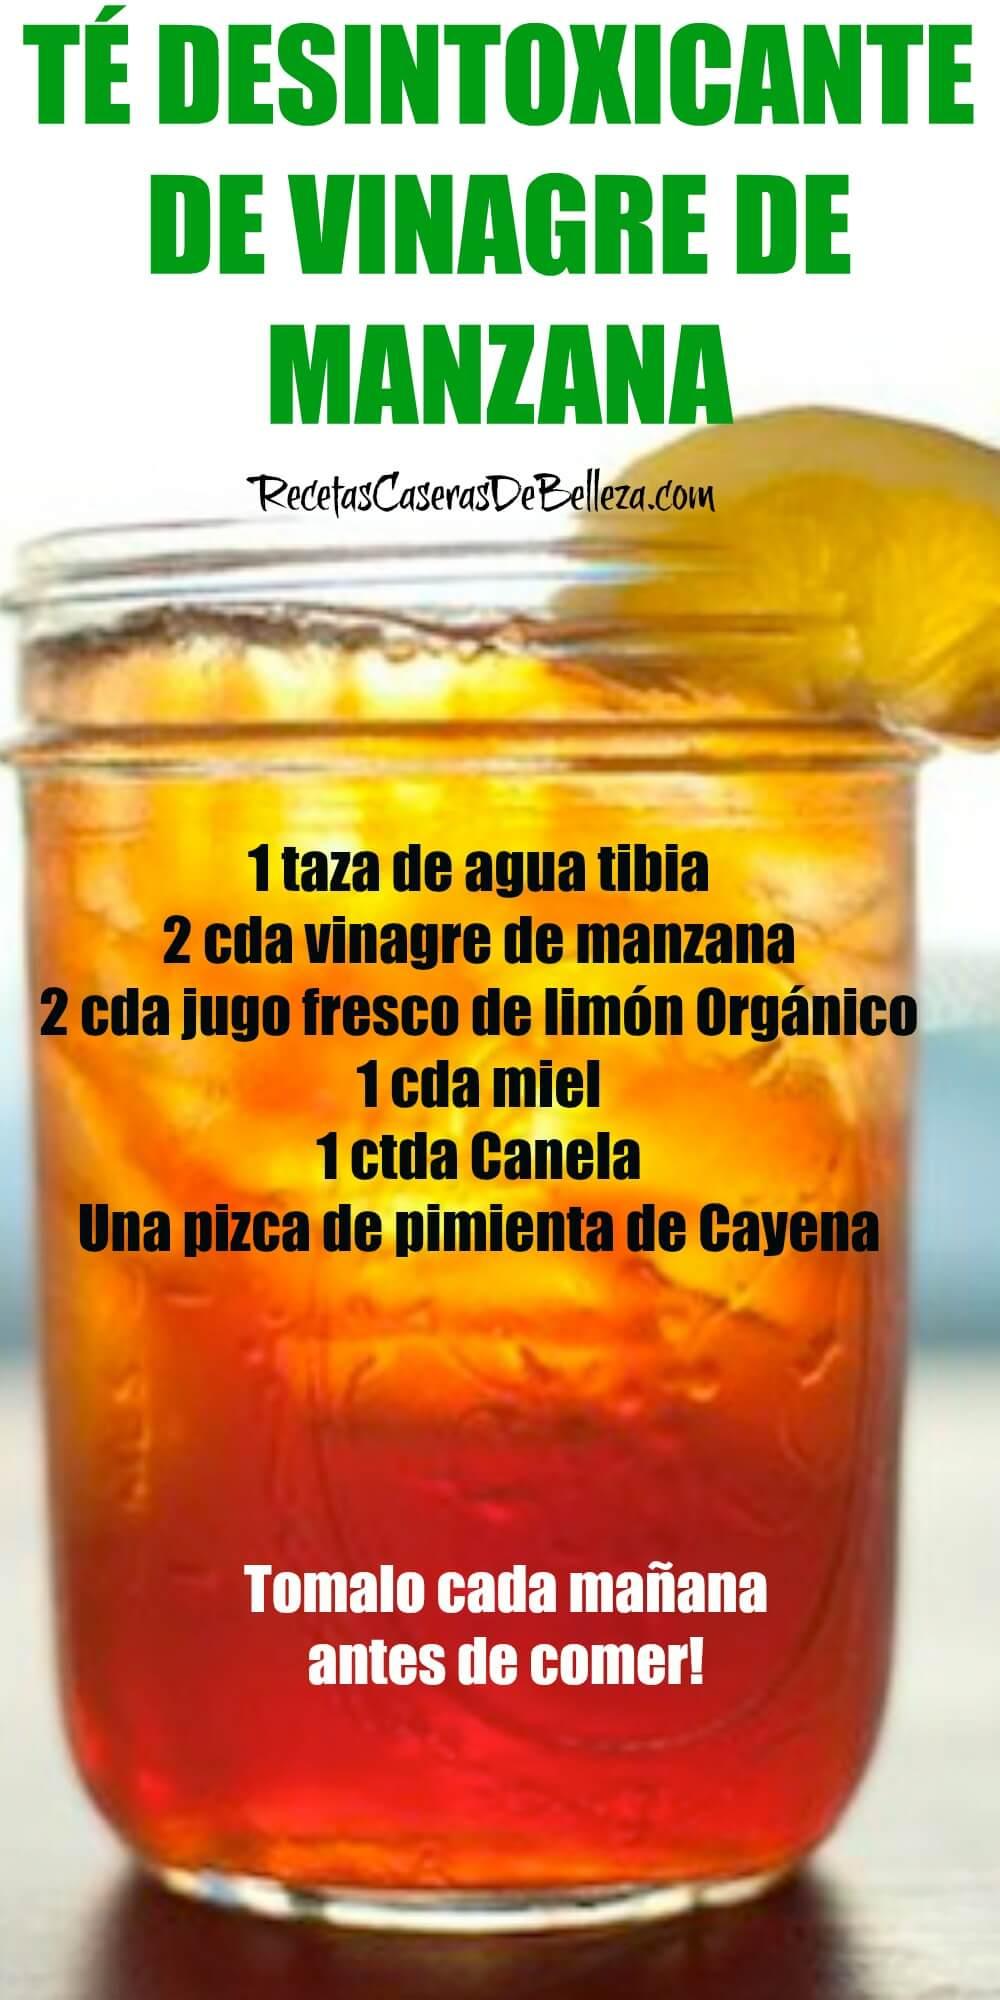 Canela miel de agua y manzana vinagre